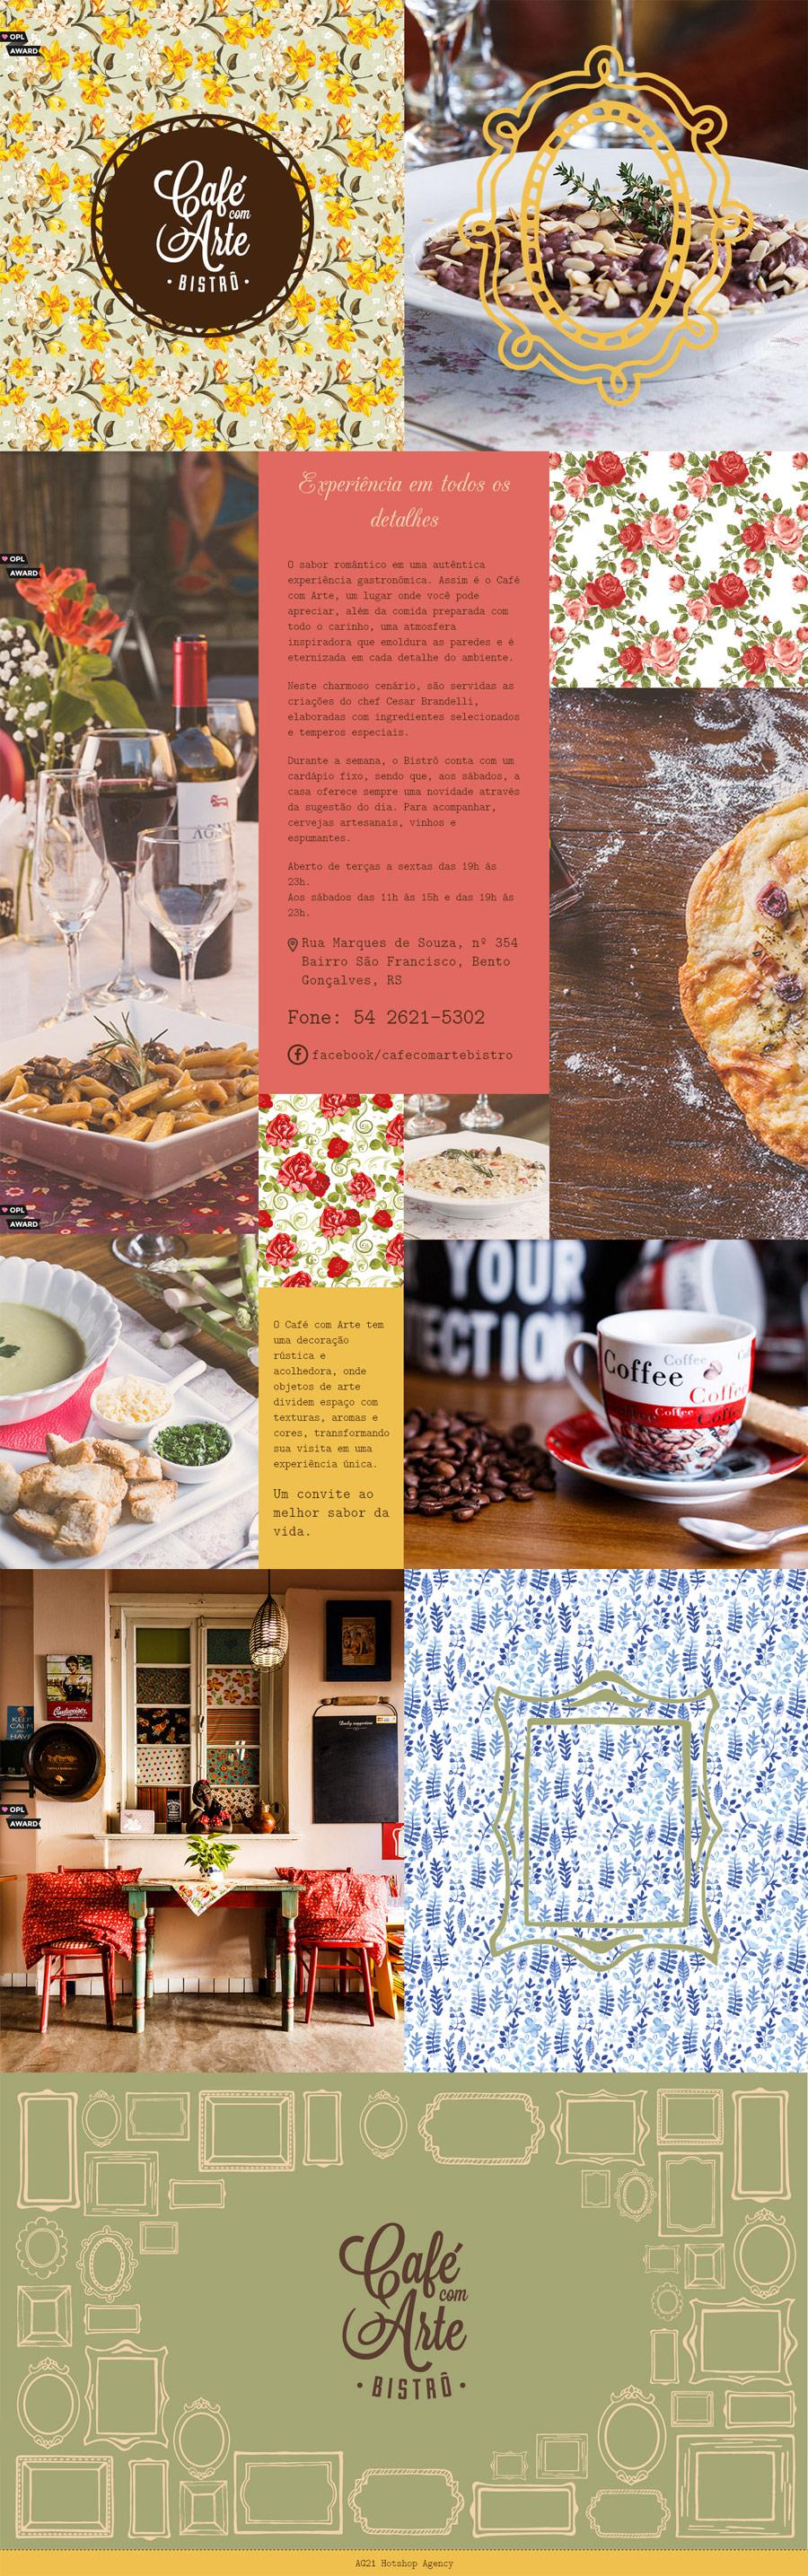 Café com Arte Bistro - Inspiración web design